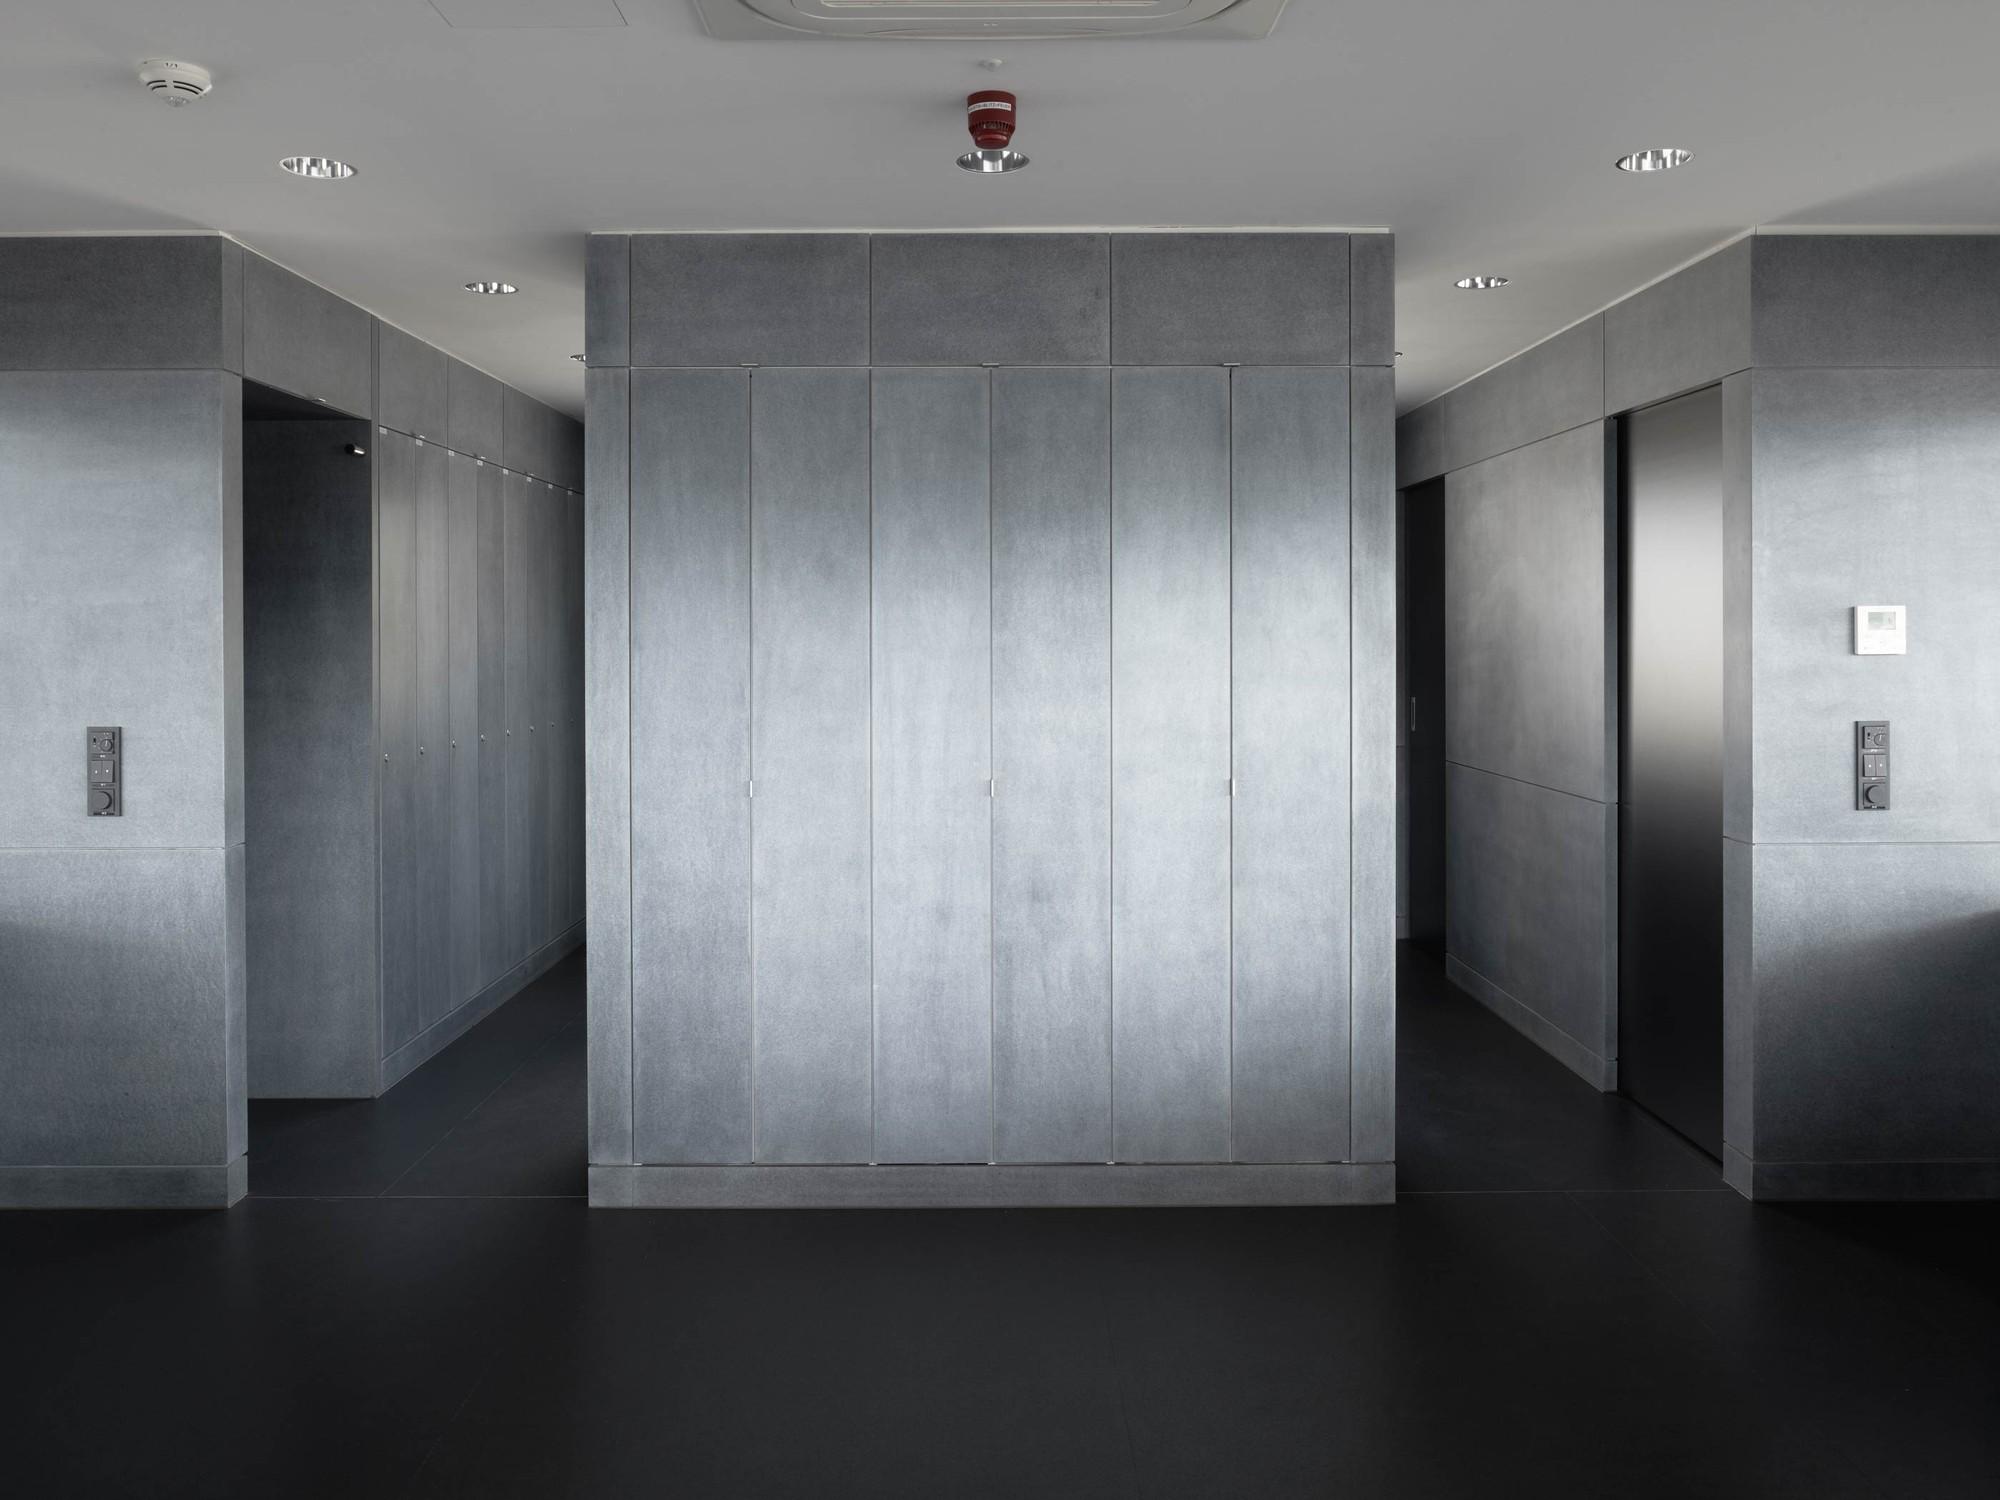 galeria de messe frankfurt tor nord ingo schrader architekt 5. Black Bedroom Furniture Sets. Home Design Ideas